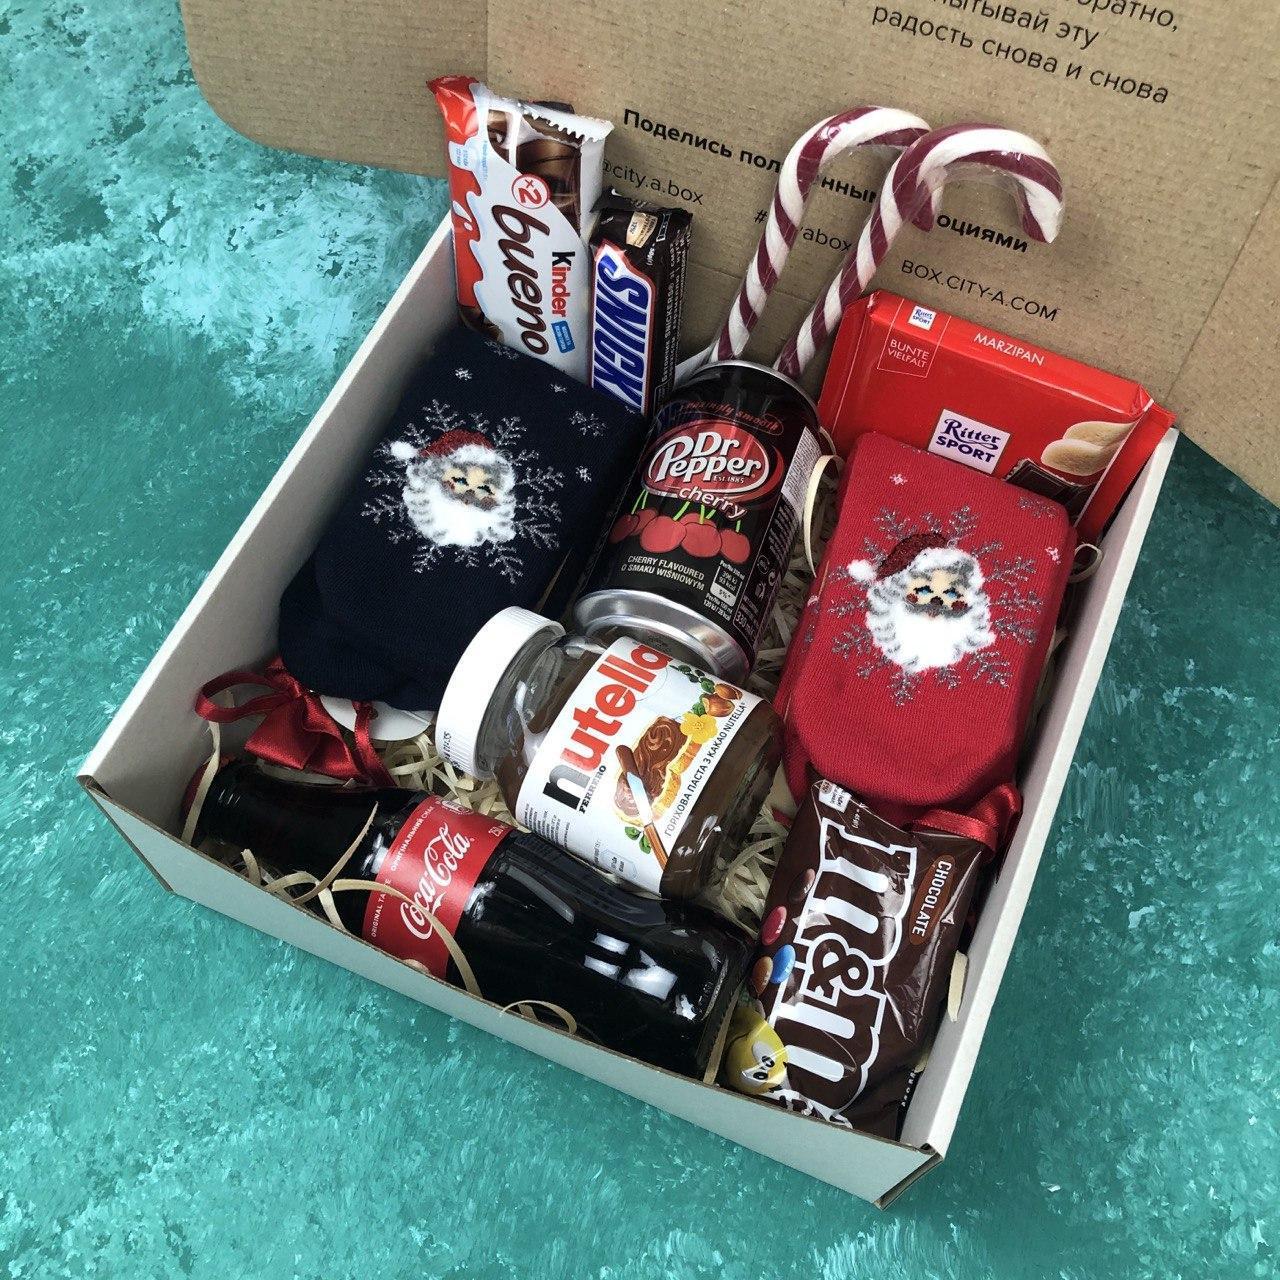 Подарочный Бокс City-A Box #63 для Мужчин и Женщин Набор Новый Год из 10 ед.